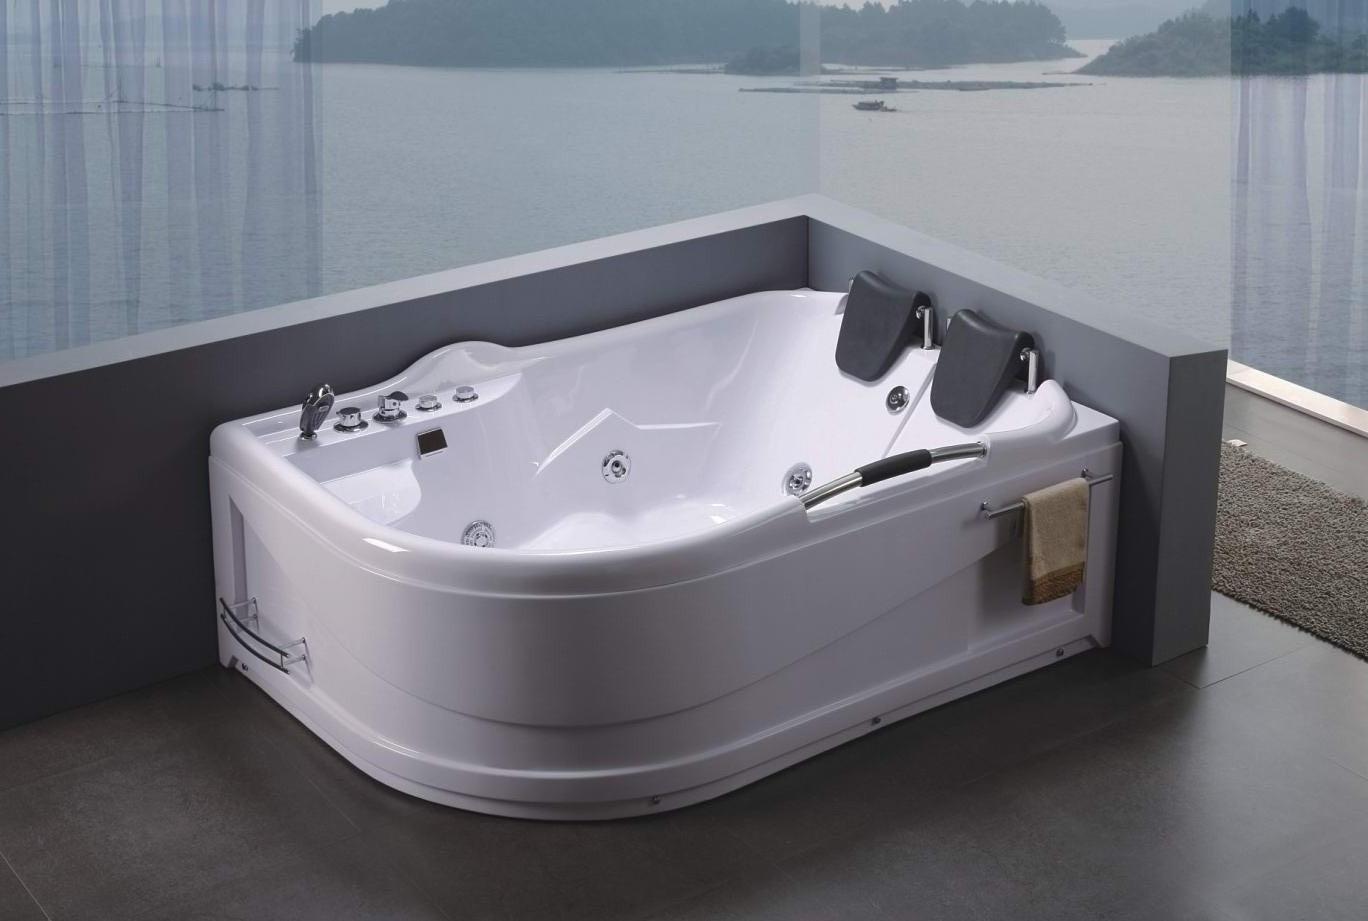 20170407&172834_Bubbelbad In Badkamer ~ Whirlpools zorgen voor luxe in de badkamer